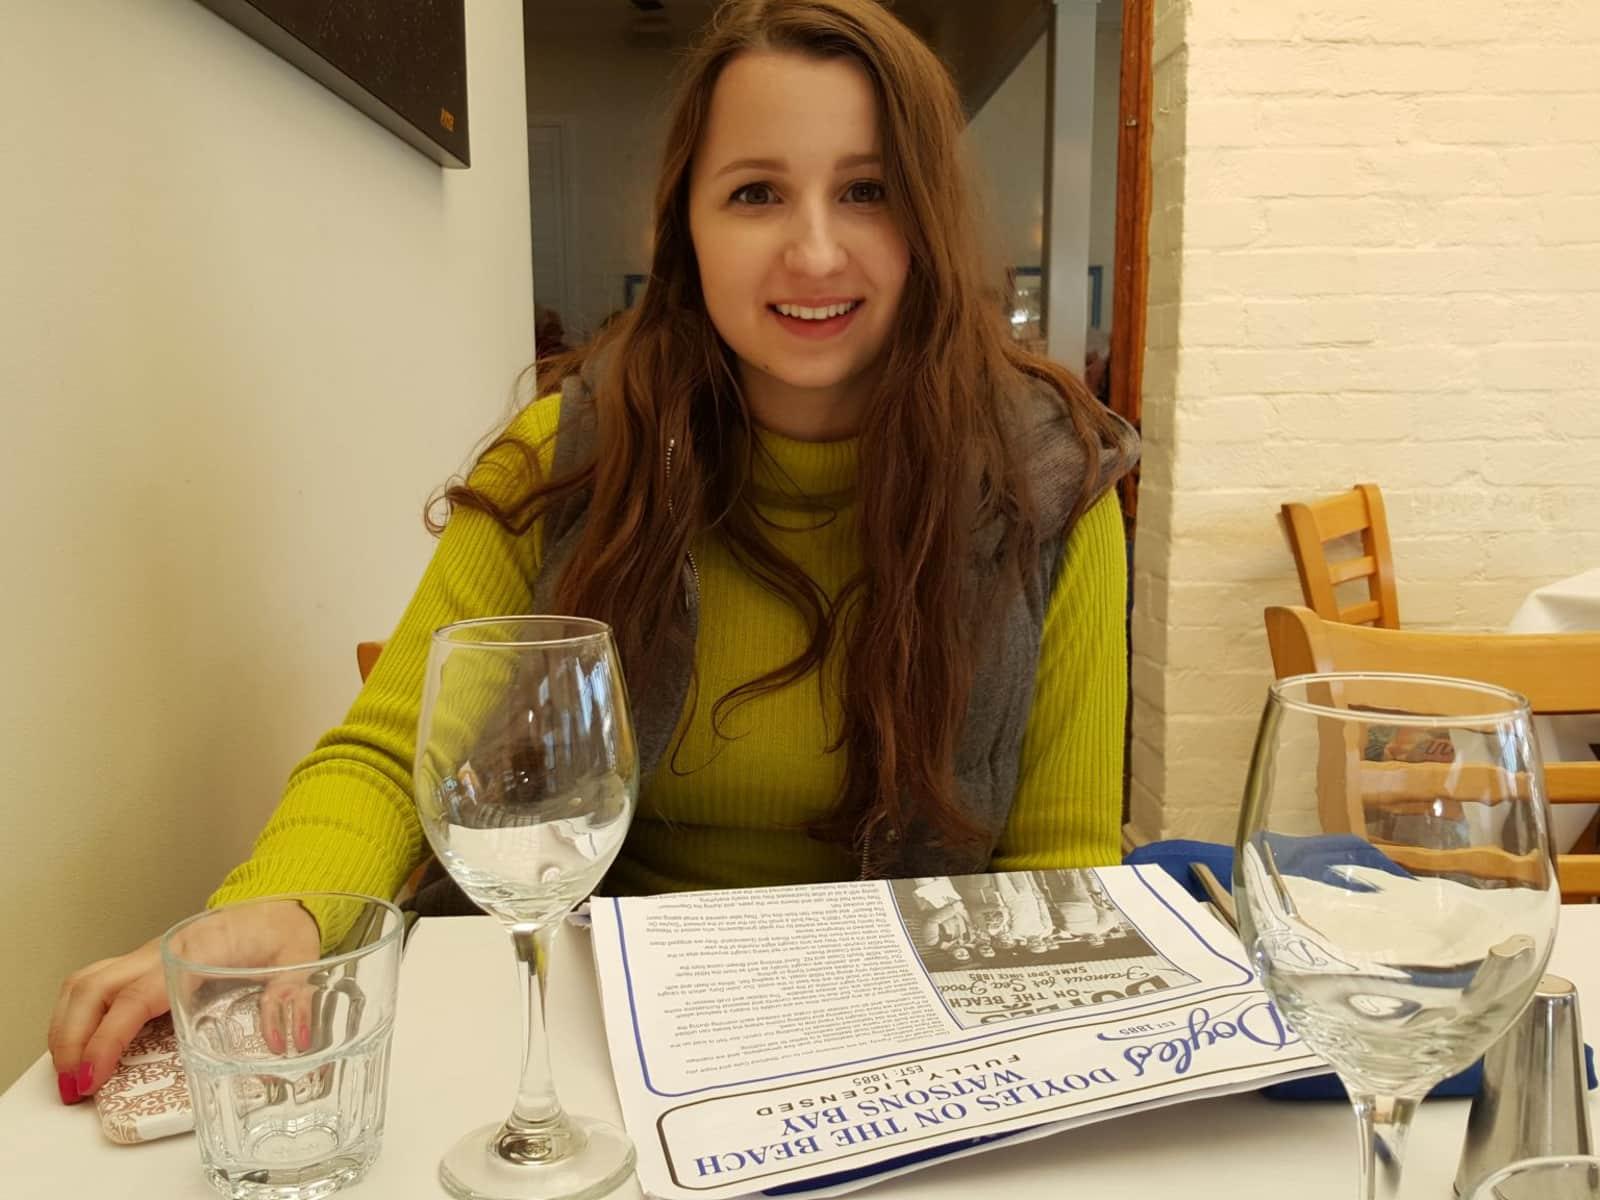 Katarzyna from Warsaw, Poland